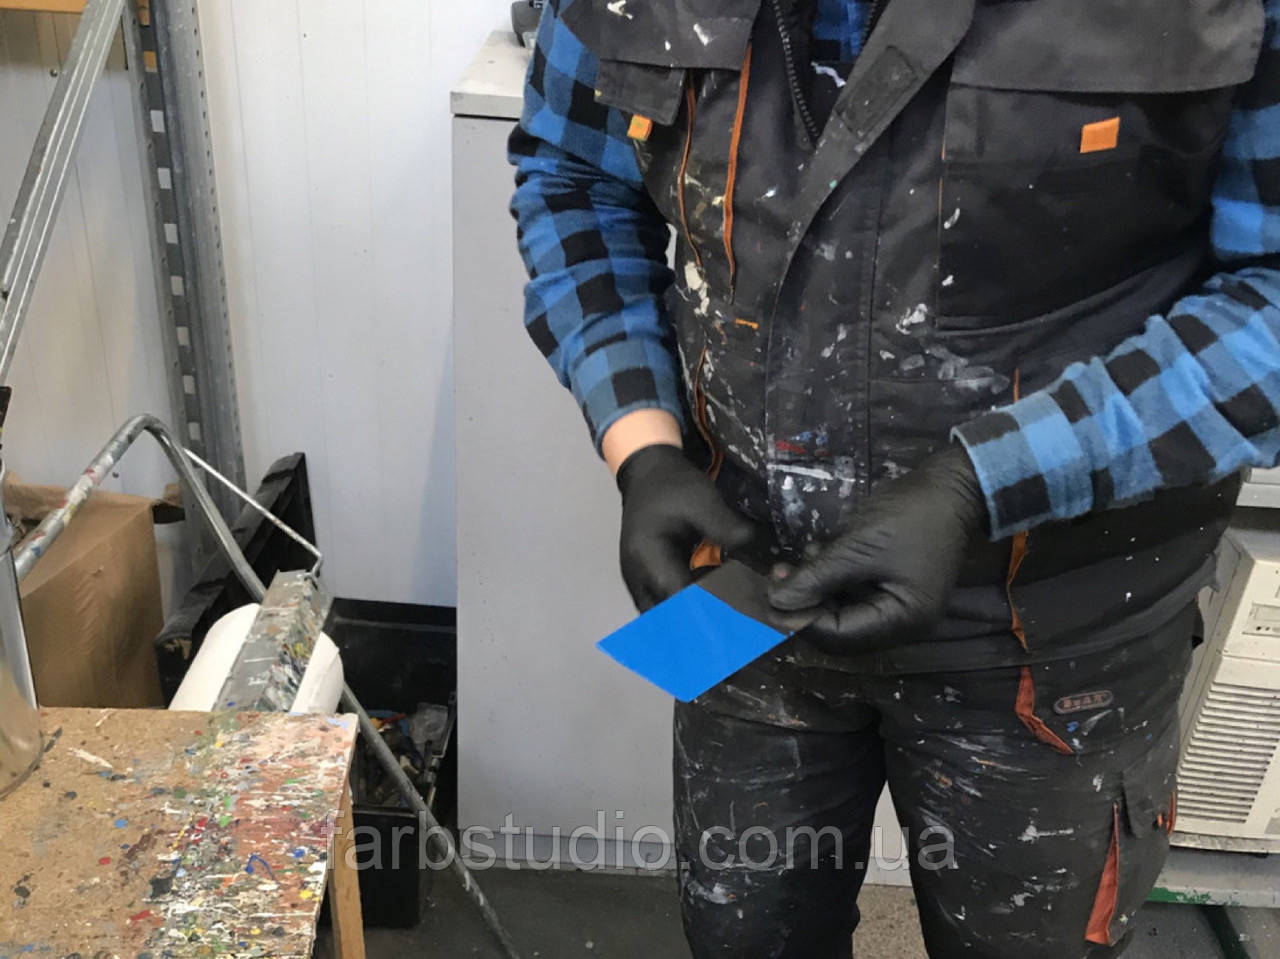 Антикоррозийная грунтующая эмаль Haeralkyd 1К K5 для защиты металлических поверхностей Haering, Германия